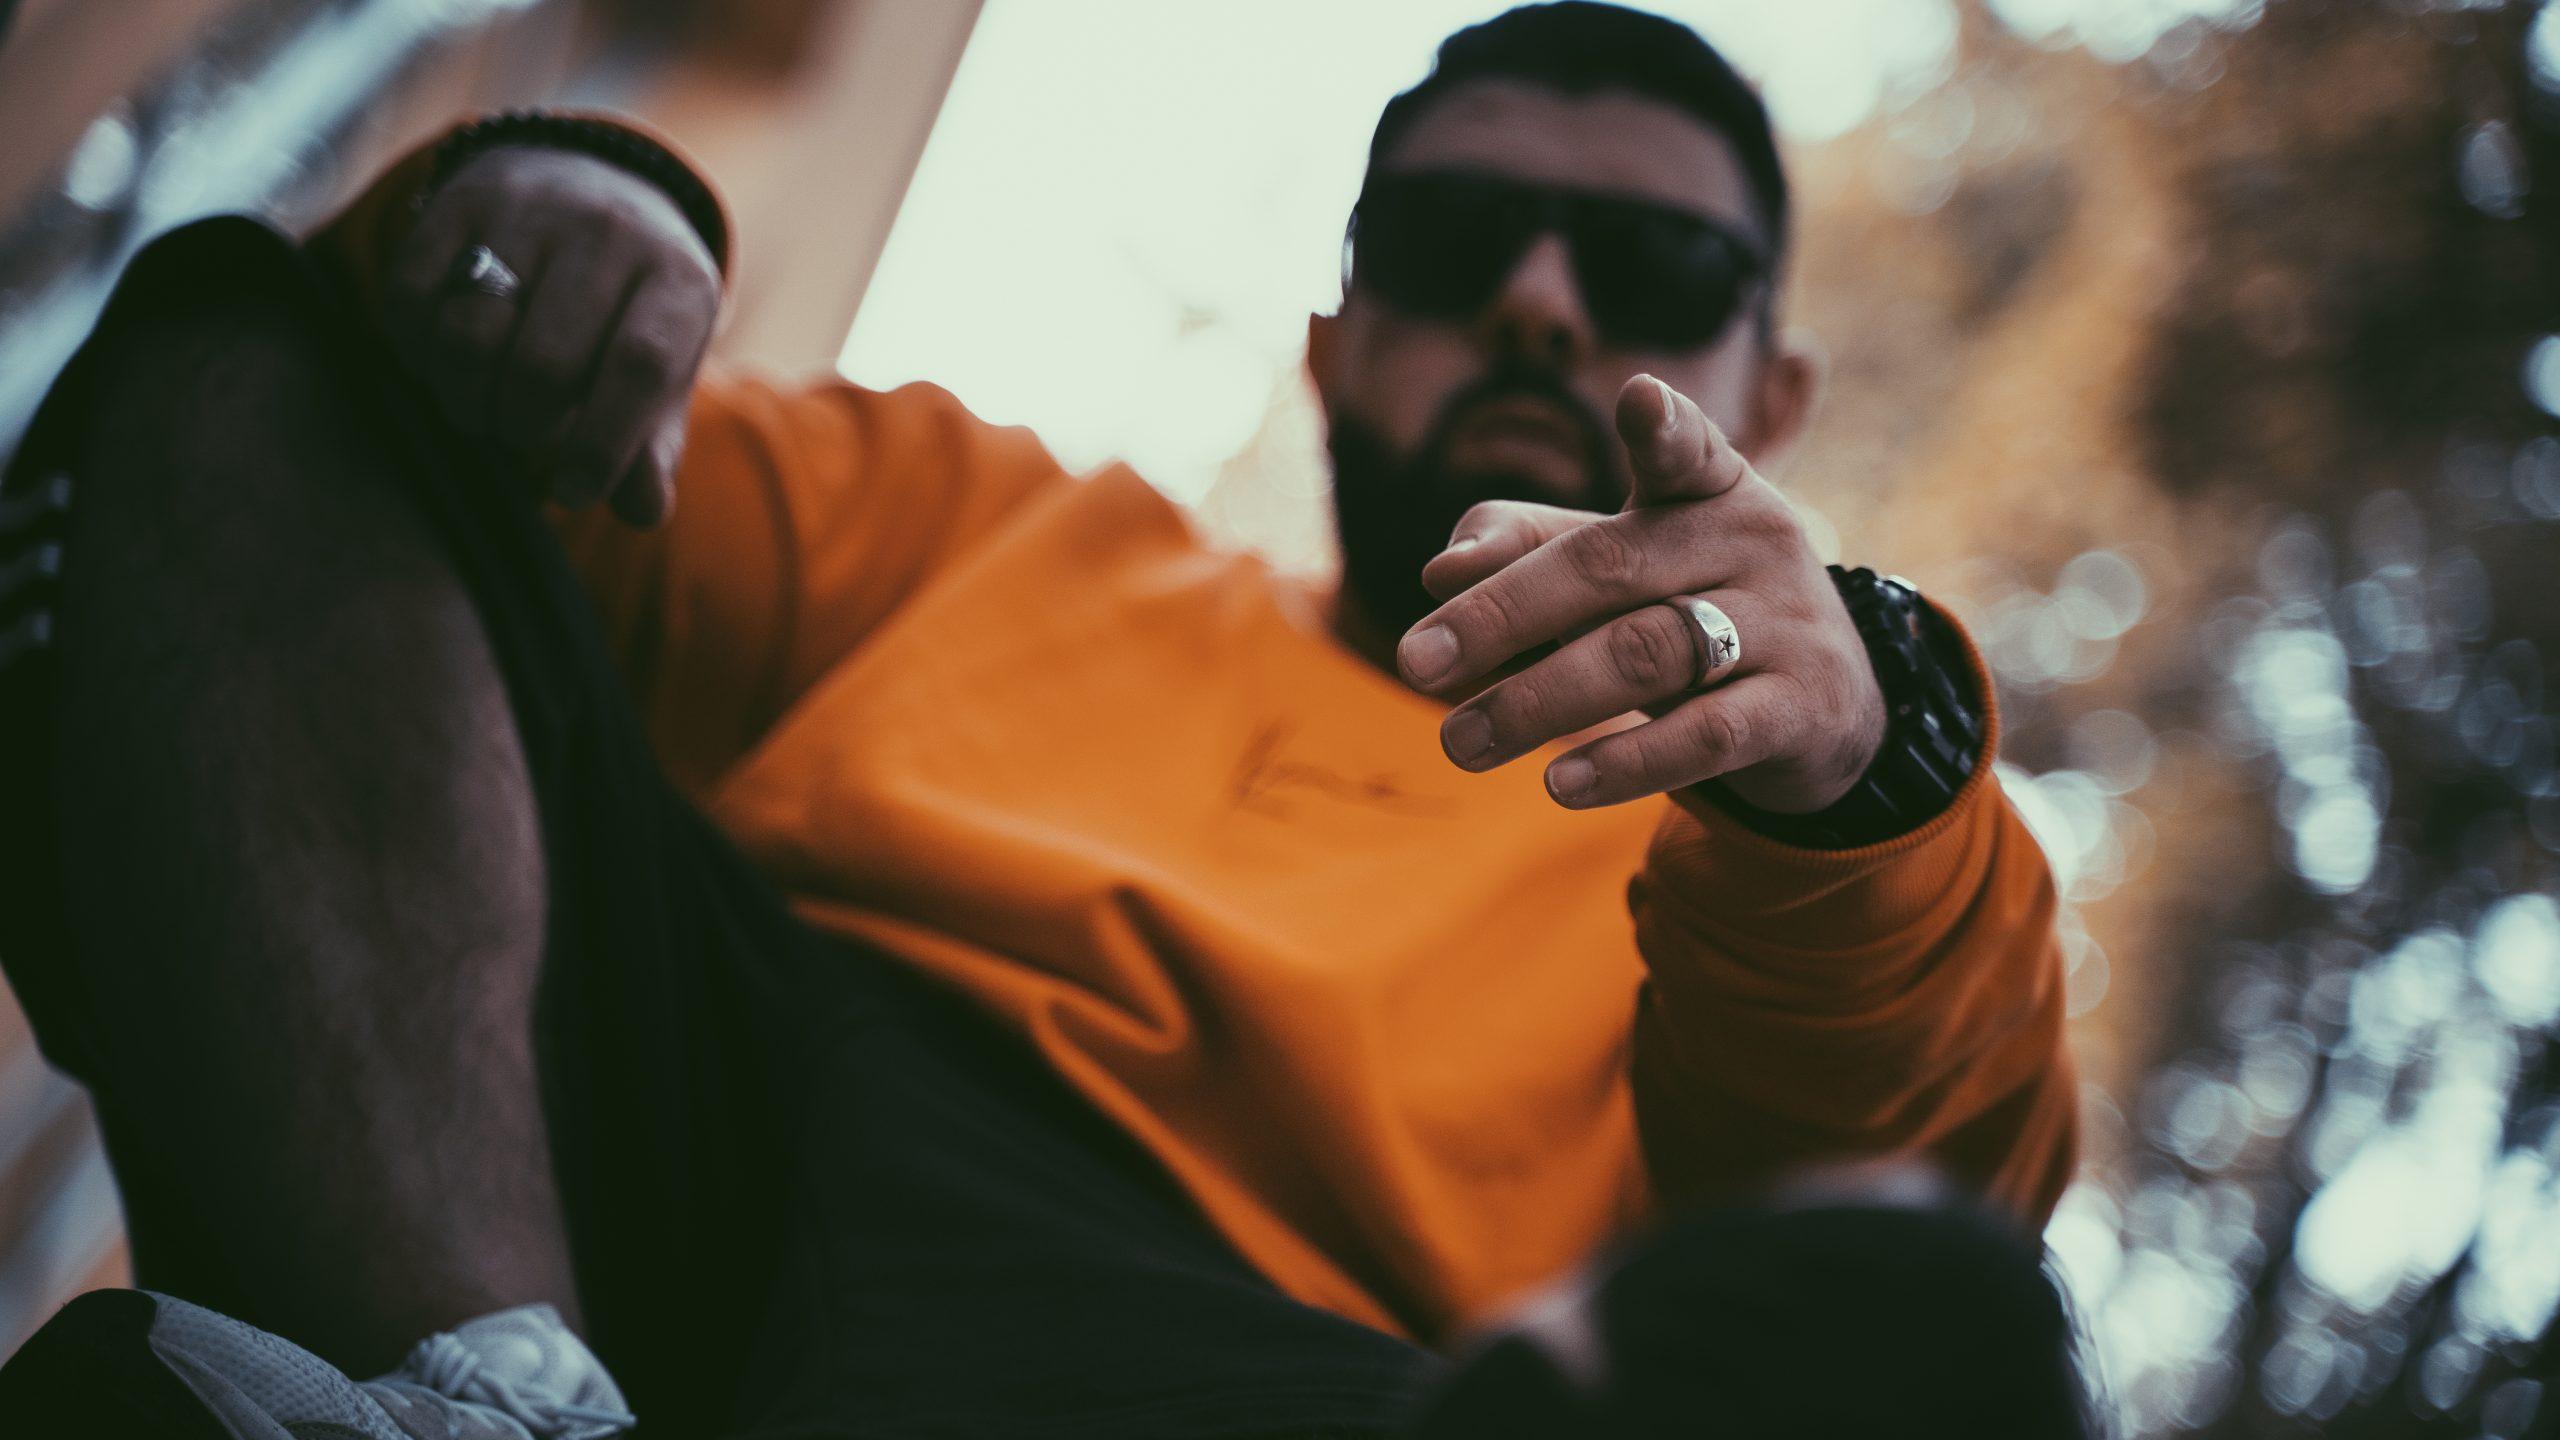 Der Rapper aus Siegen im Fotoshooting in Köln,